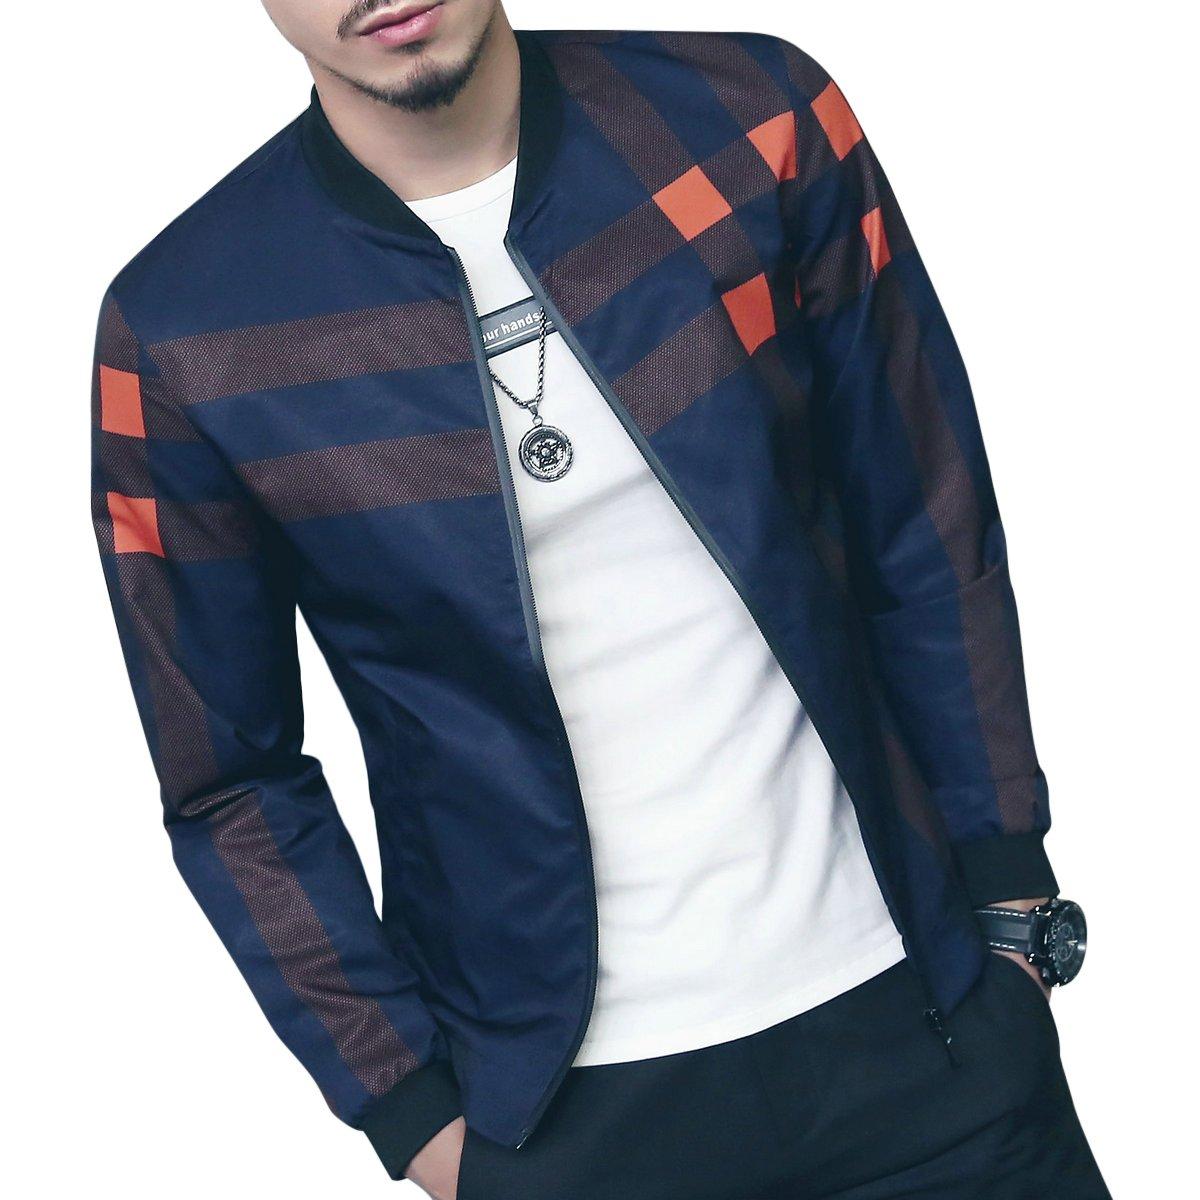 LOGEEYAR Men's Bomber Jacket Casual Slim Fit Printed Outerwear Coat(Blue orange-S) by LOGEEYAR